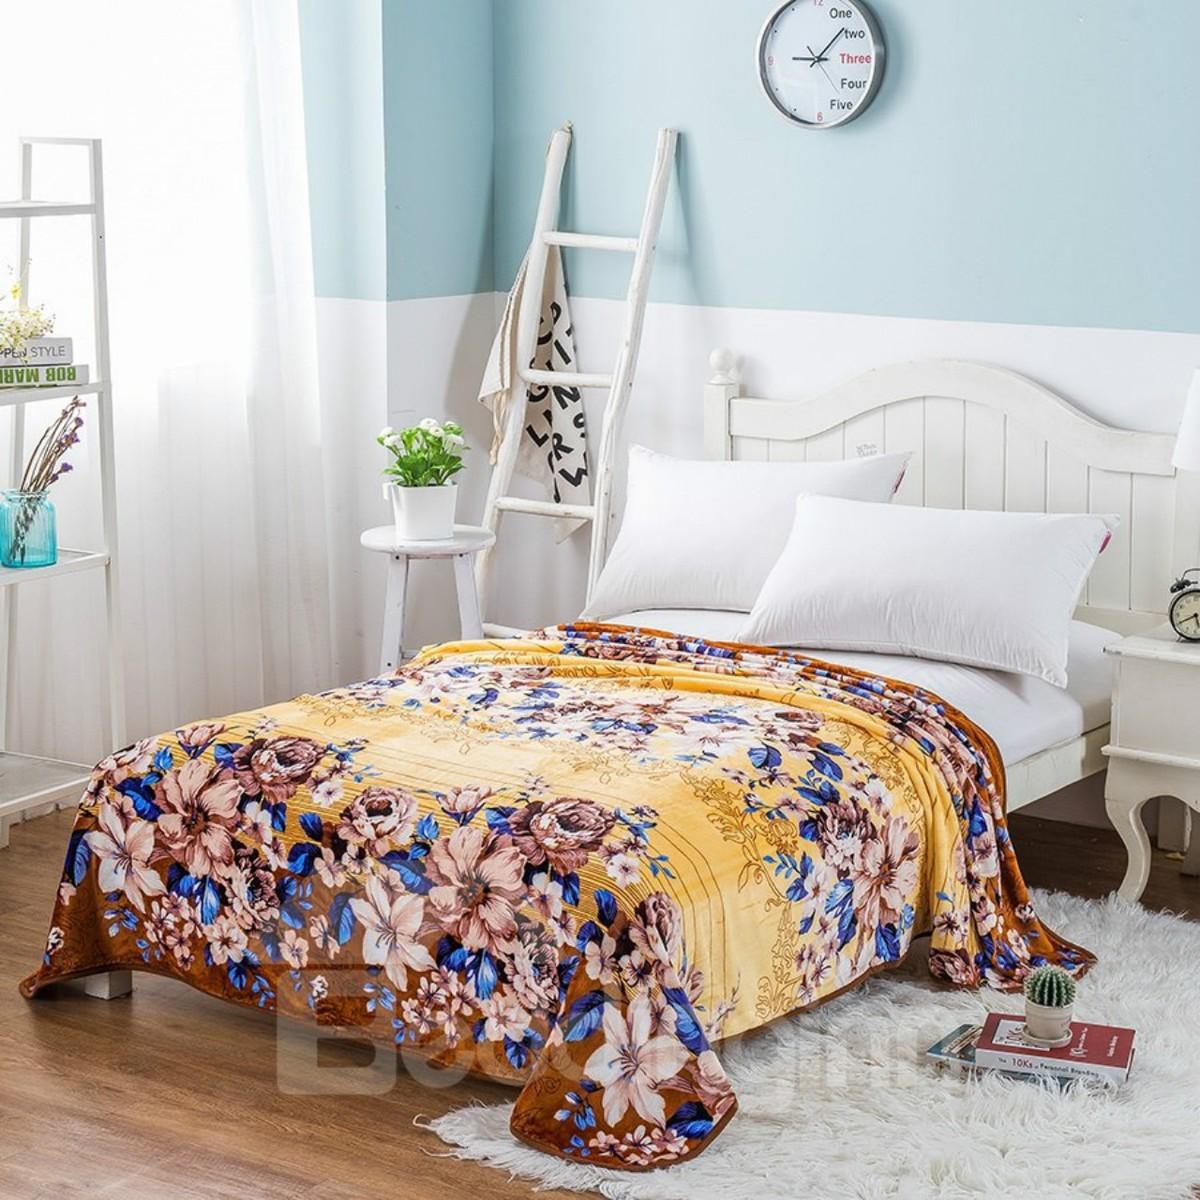 Peonies in Full Bloom Printing Brown Flannel Bed Blanket